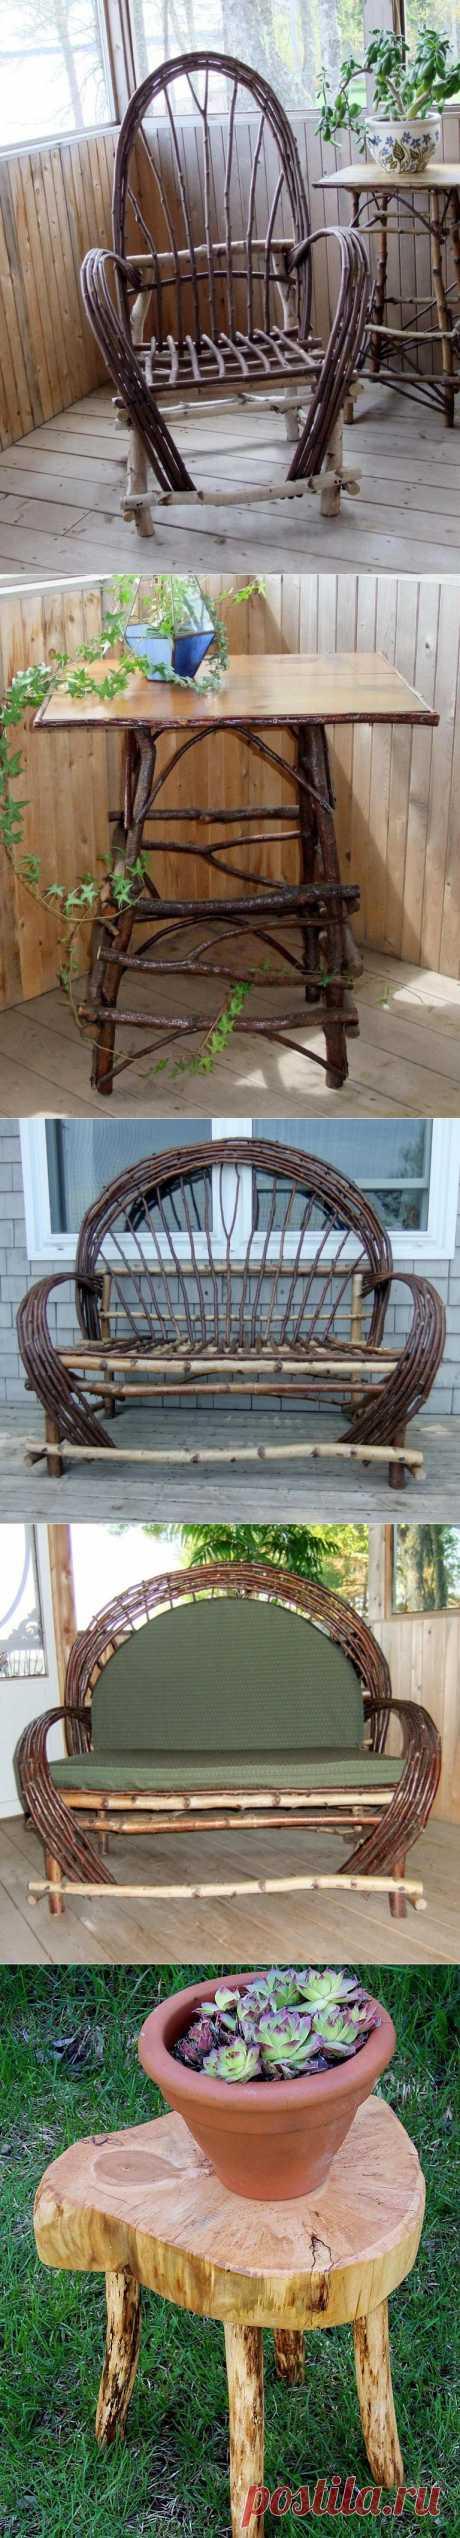 Садовая мебель и предметы декора для дачи из природных материалов.